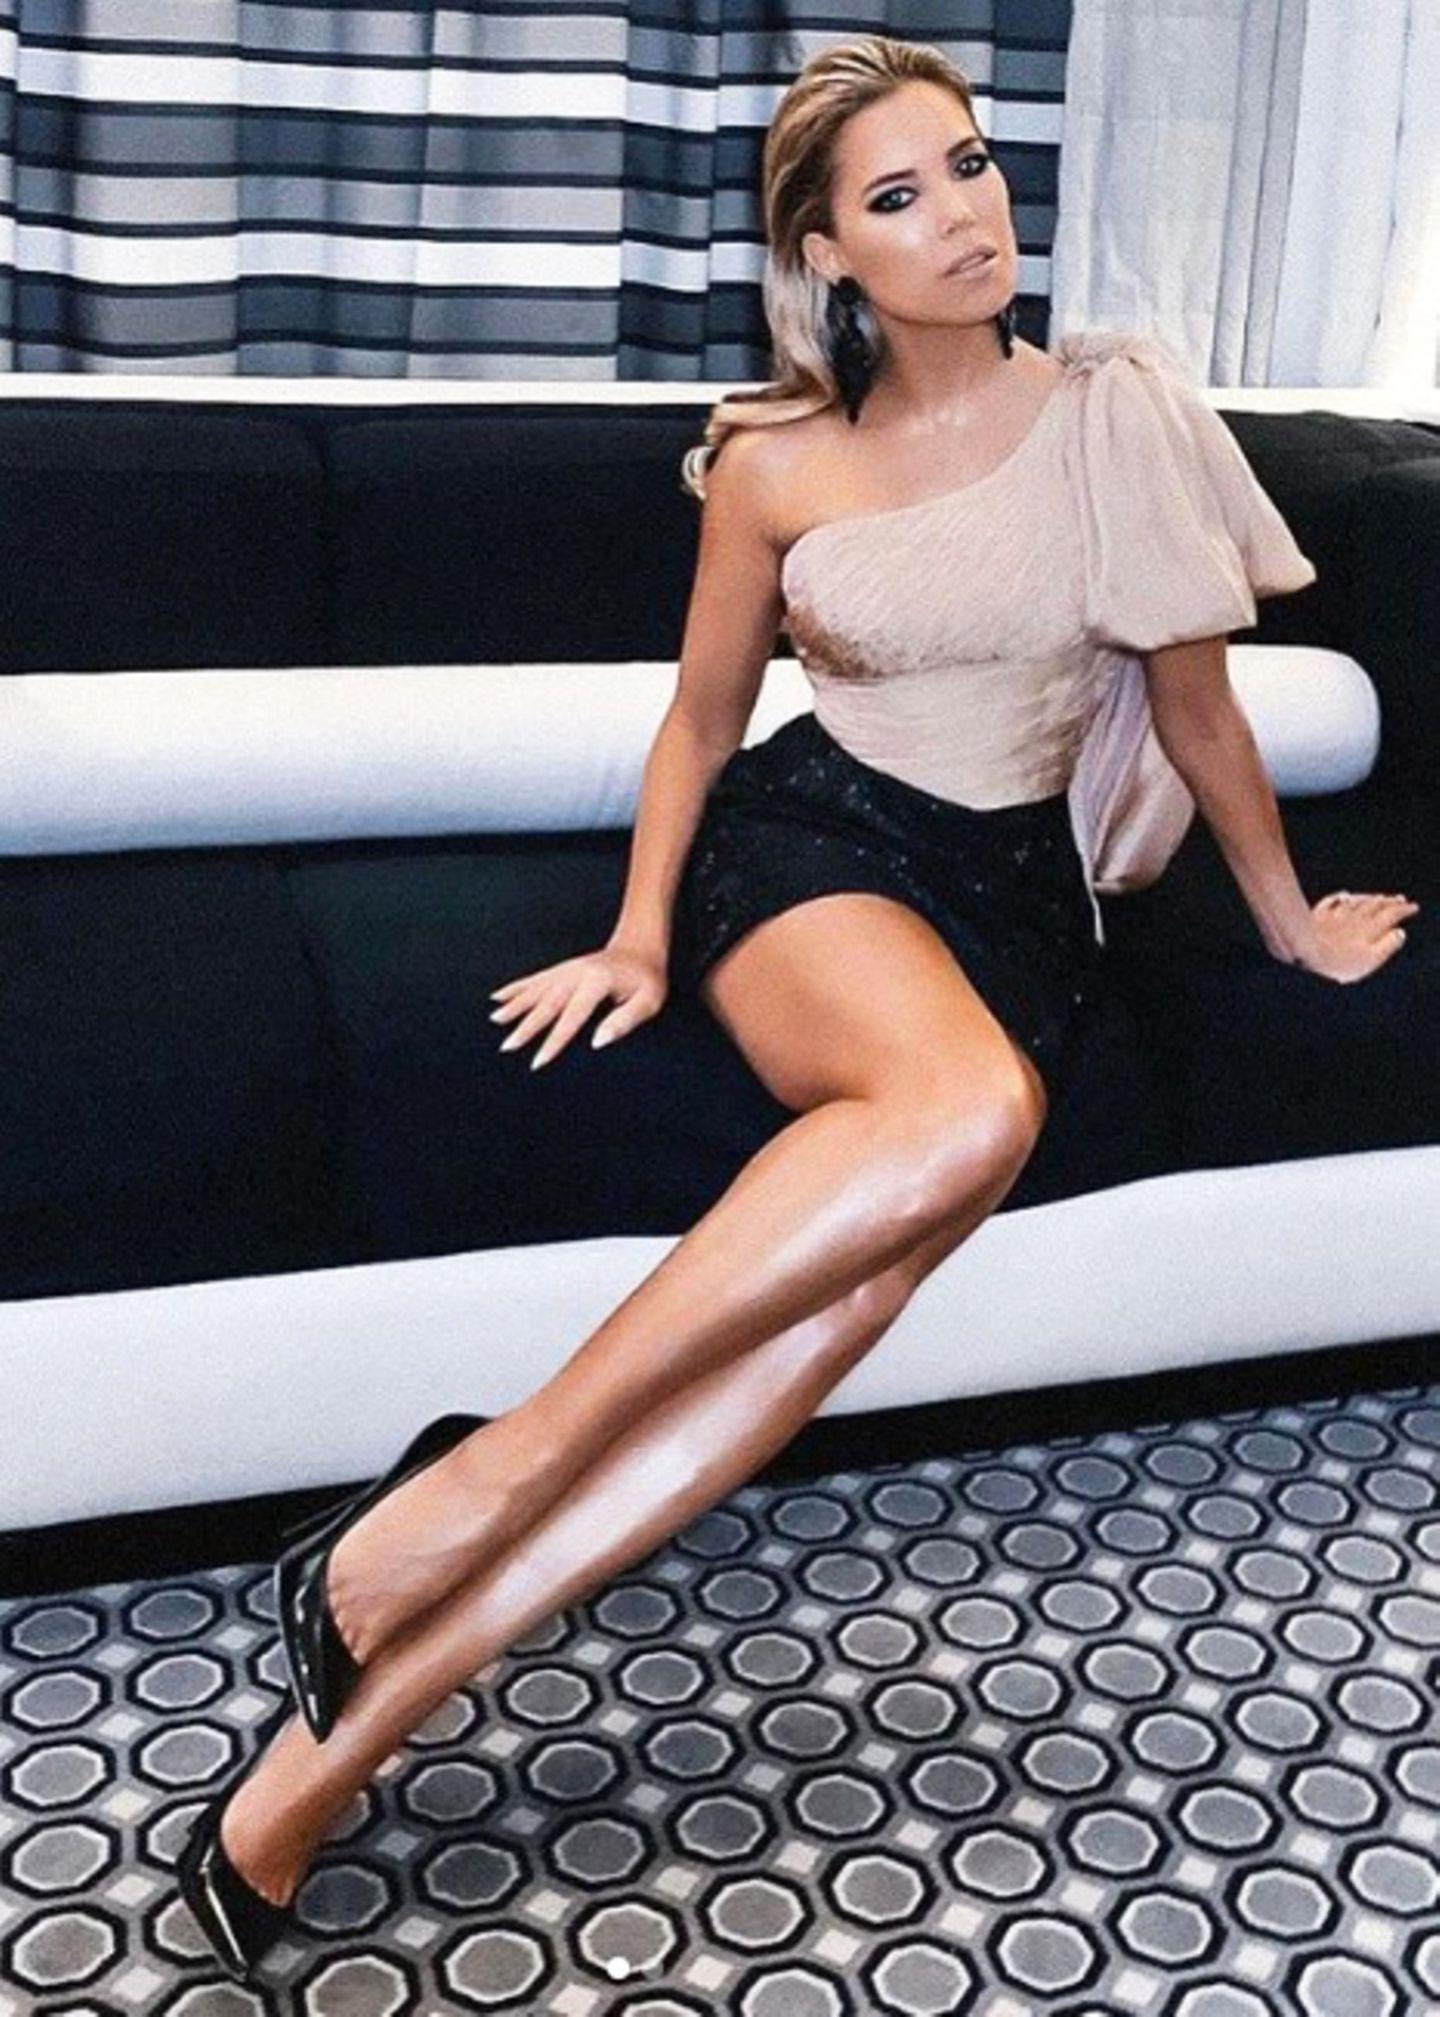 Sylvies Couture-Kleid ist eine Kreation bestehend aus einem schwarzen, glitzernden Mini-Rock und einem glamourösen One-Shoulder-Oberteil. Ihre trainierten, langen Beine funkeln mit ihrem Rock und ihrem Make-up-Glow um die Wette.